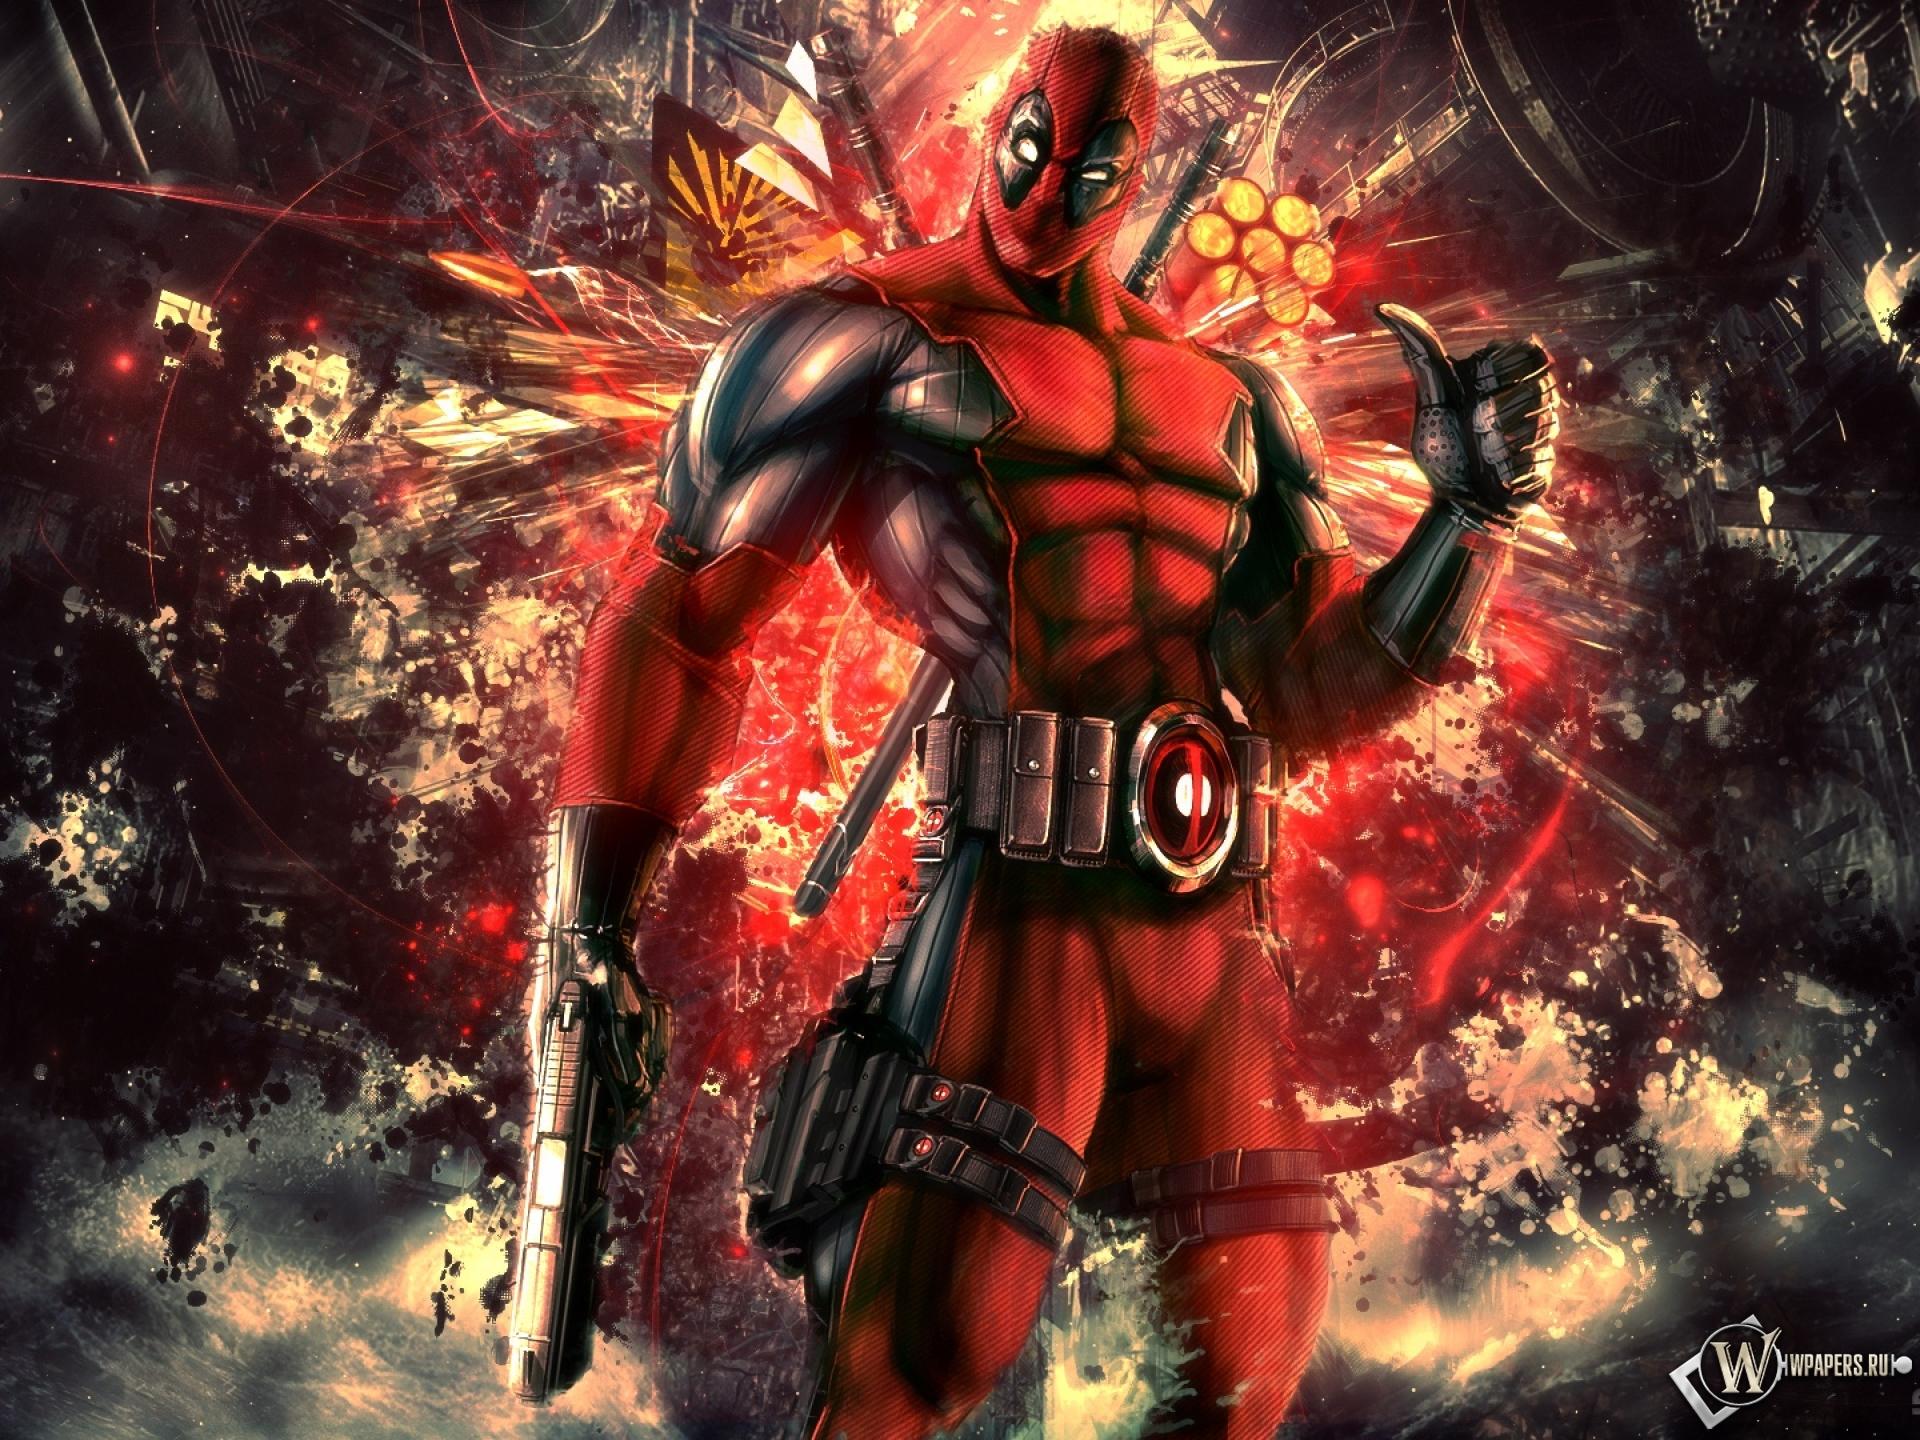 Смотреть онлайн бесплатно в качестве Прохождение Deadpool - Часть 5